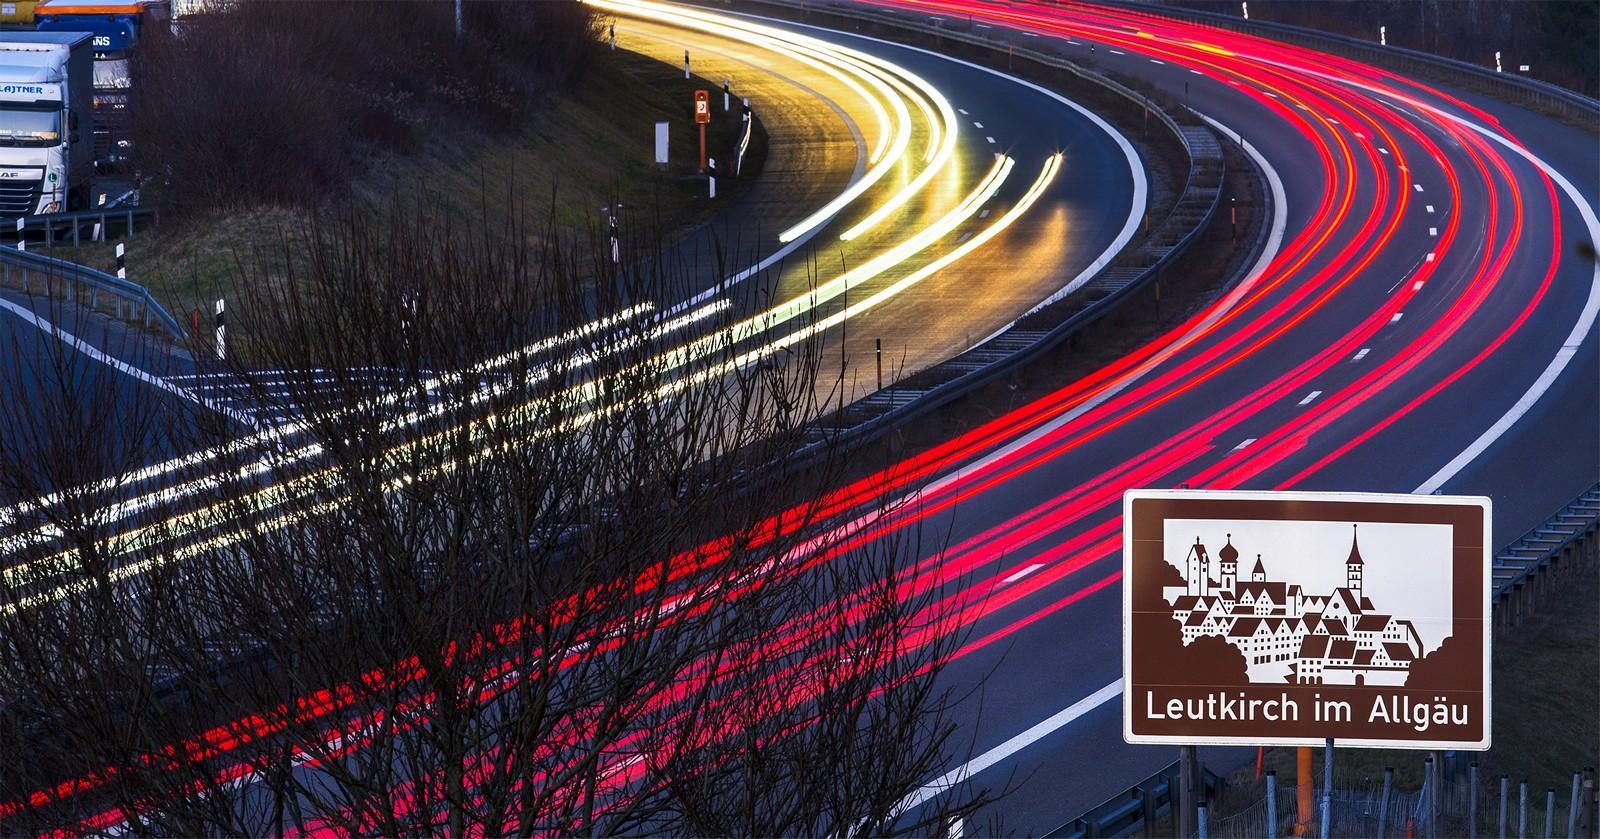 Autobahn A 96